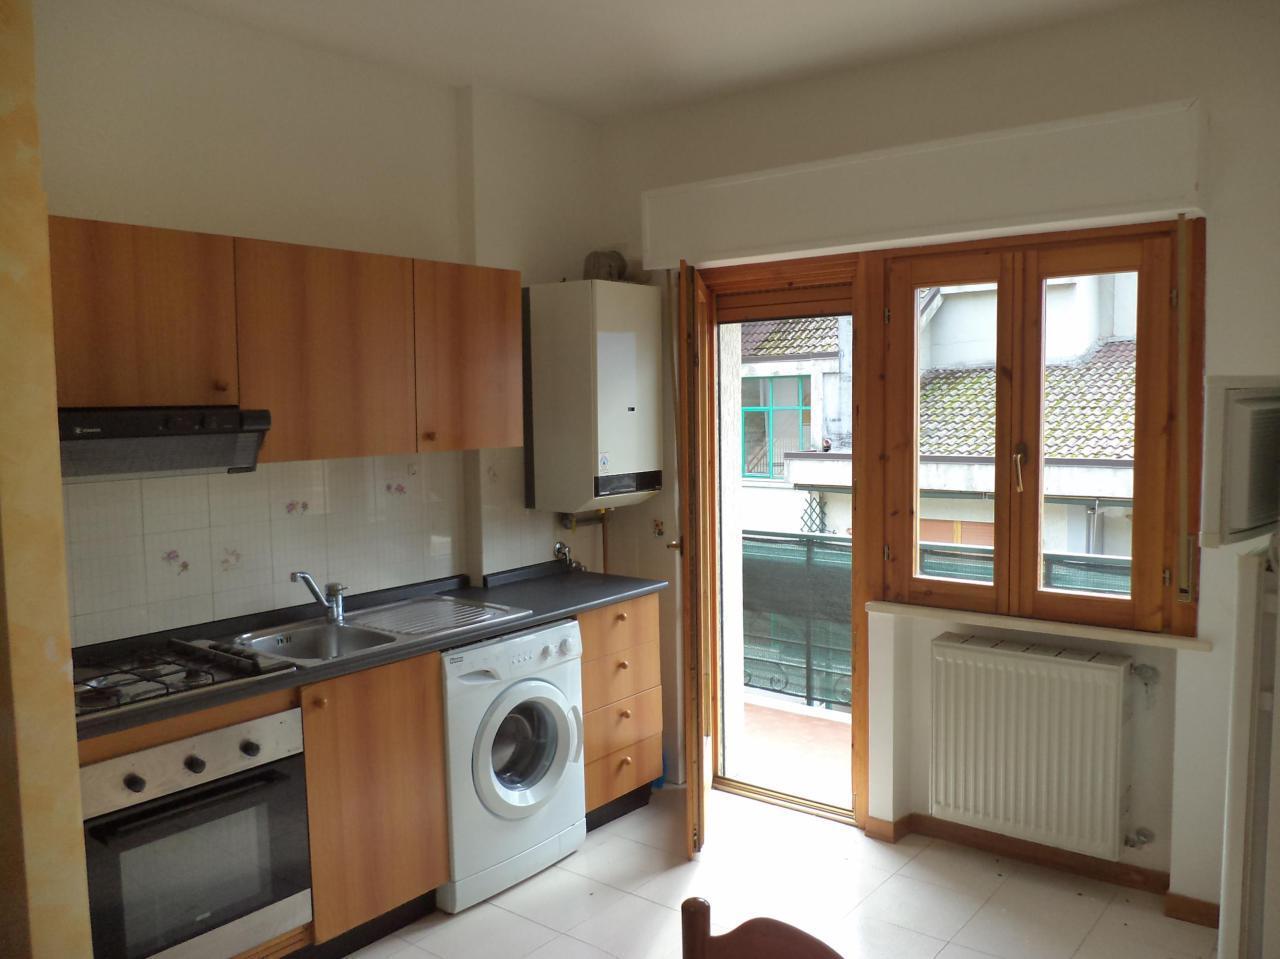 Appartamento in vendita a Caramanico Terme, 3 locali, prezzo € 55.000 | PortaleAgenzieImmobiliari.it